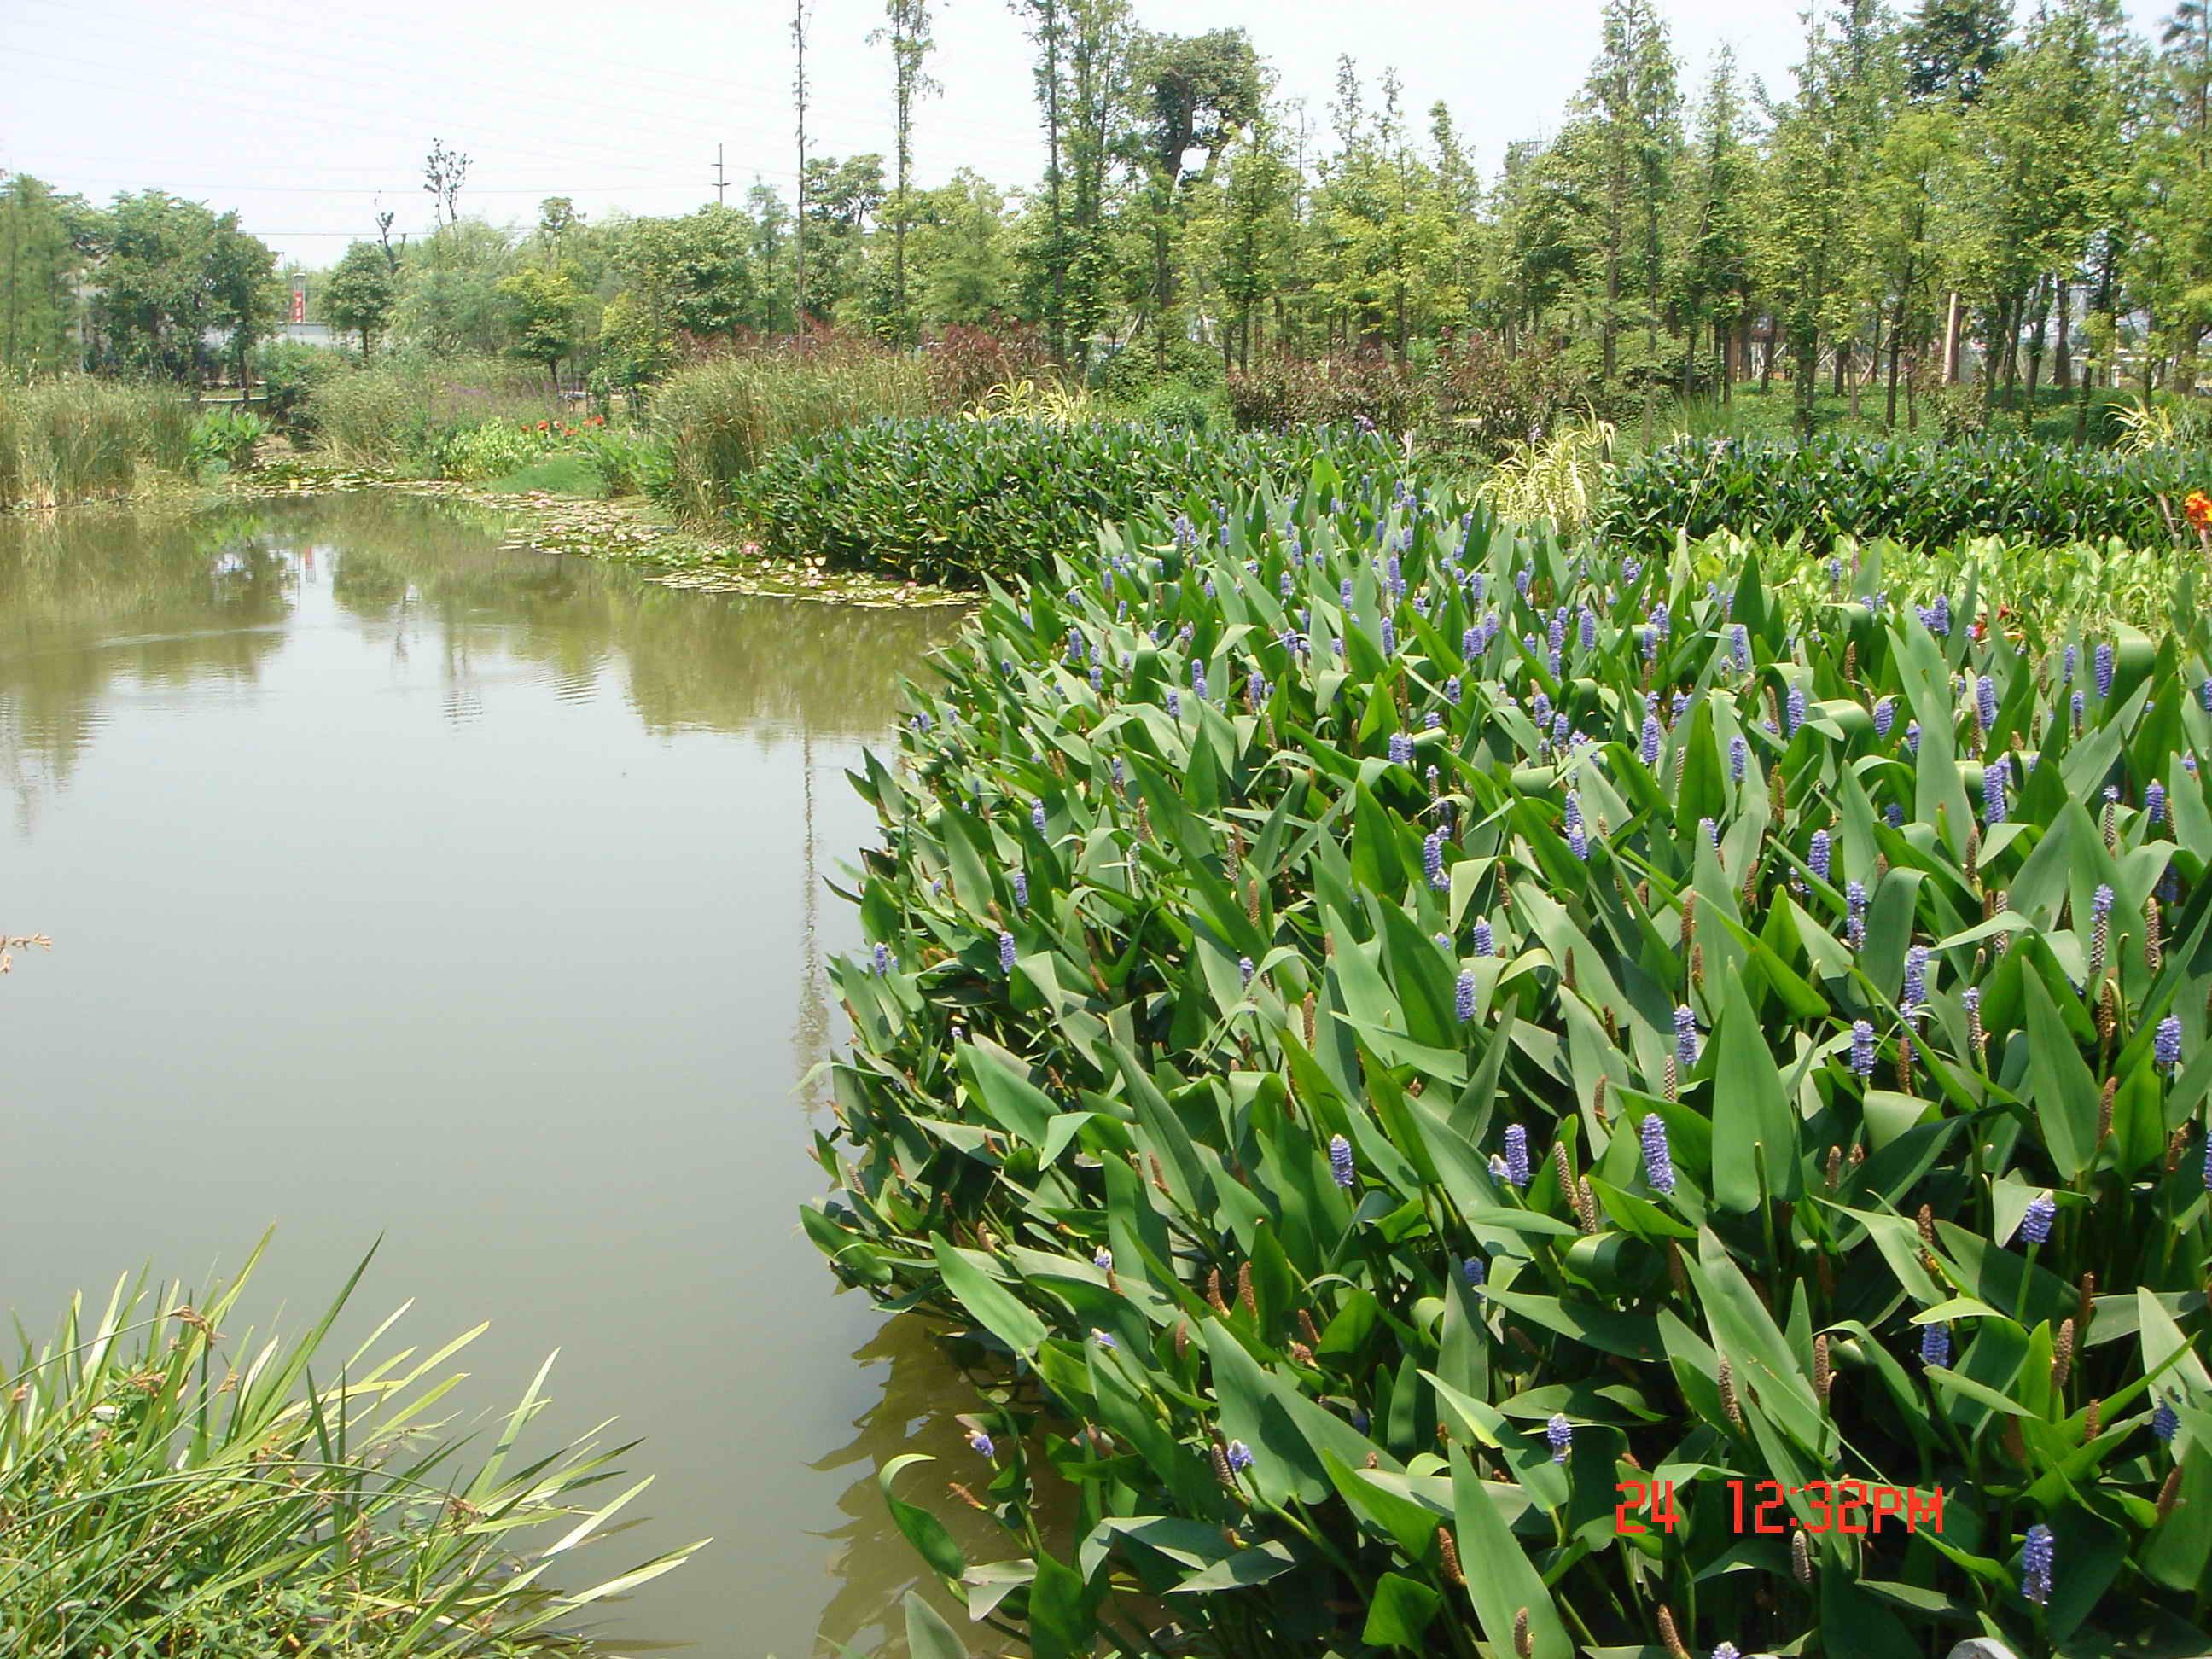 湿地景观3 水秀江南 论宁波日湖公园水景设计 高清图片